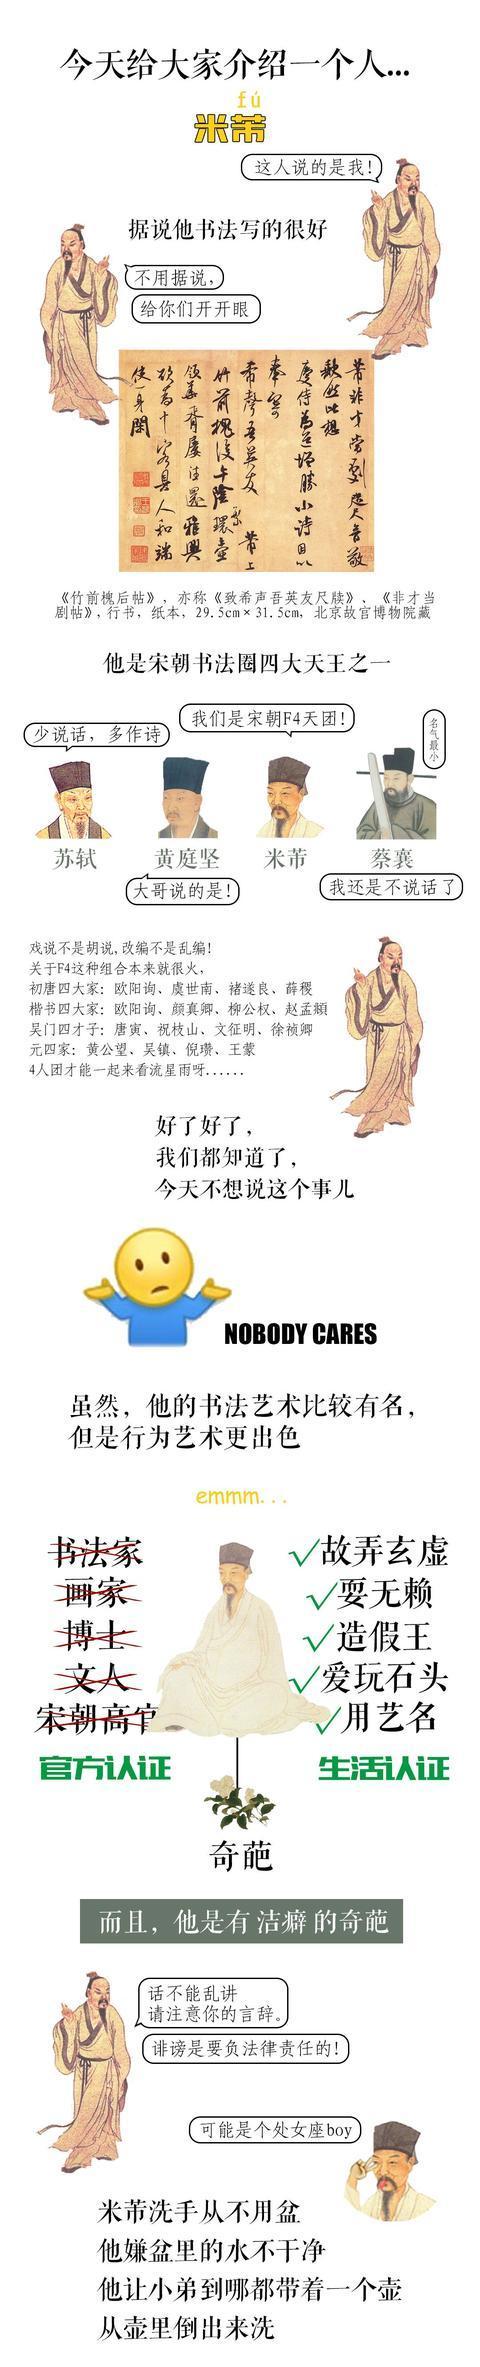 """奇葩米芾,堪称第一代""""网红""""(附米芾高清手札集合)"""